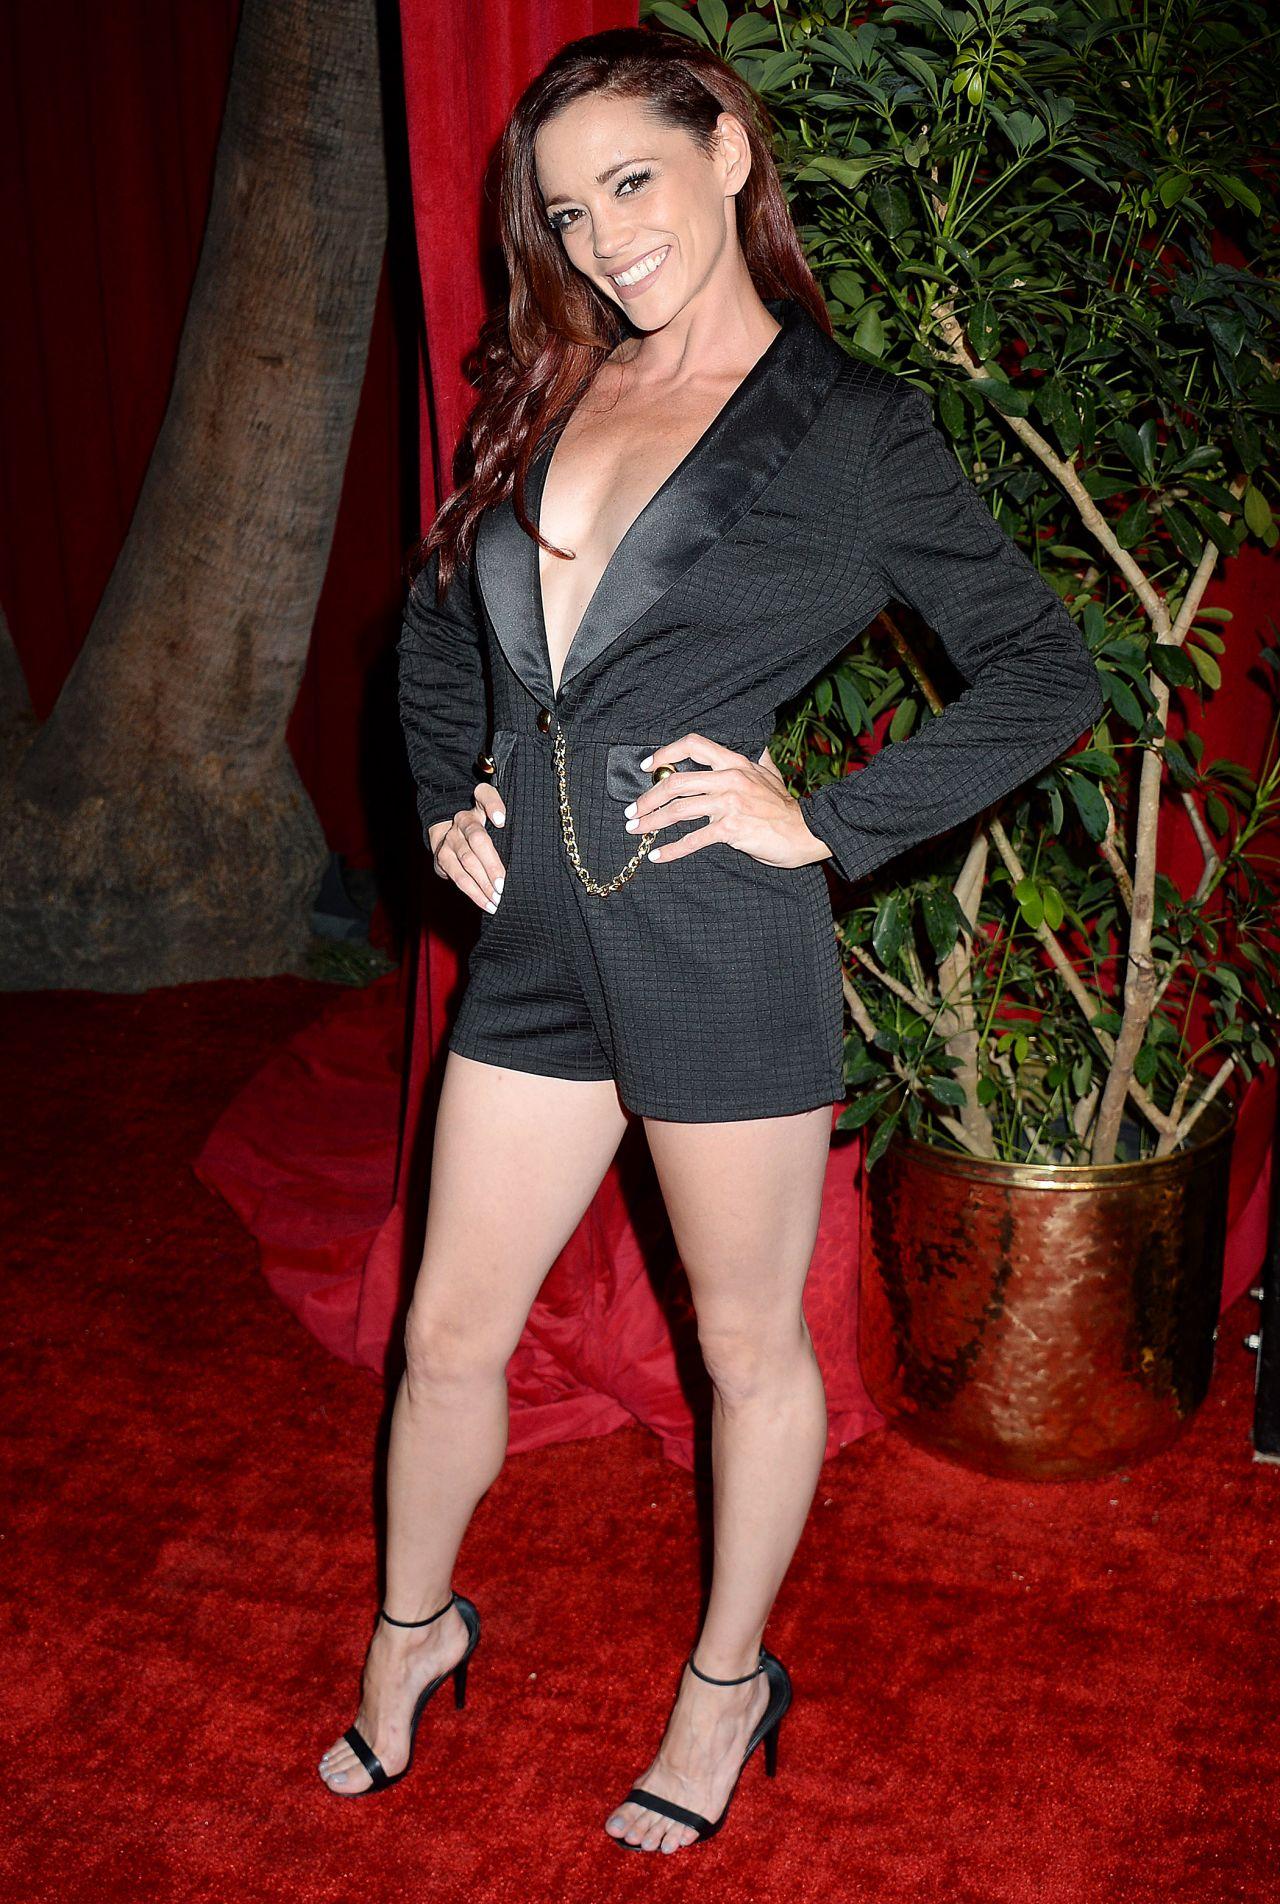 Hot Boobs Jasmine Sanders  nude (22 pics), Twitter, cleavage